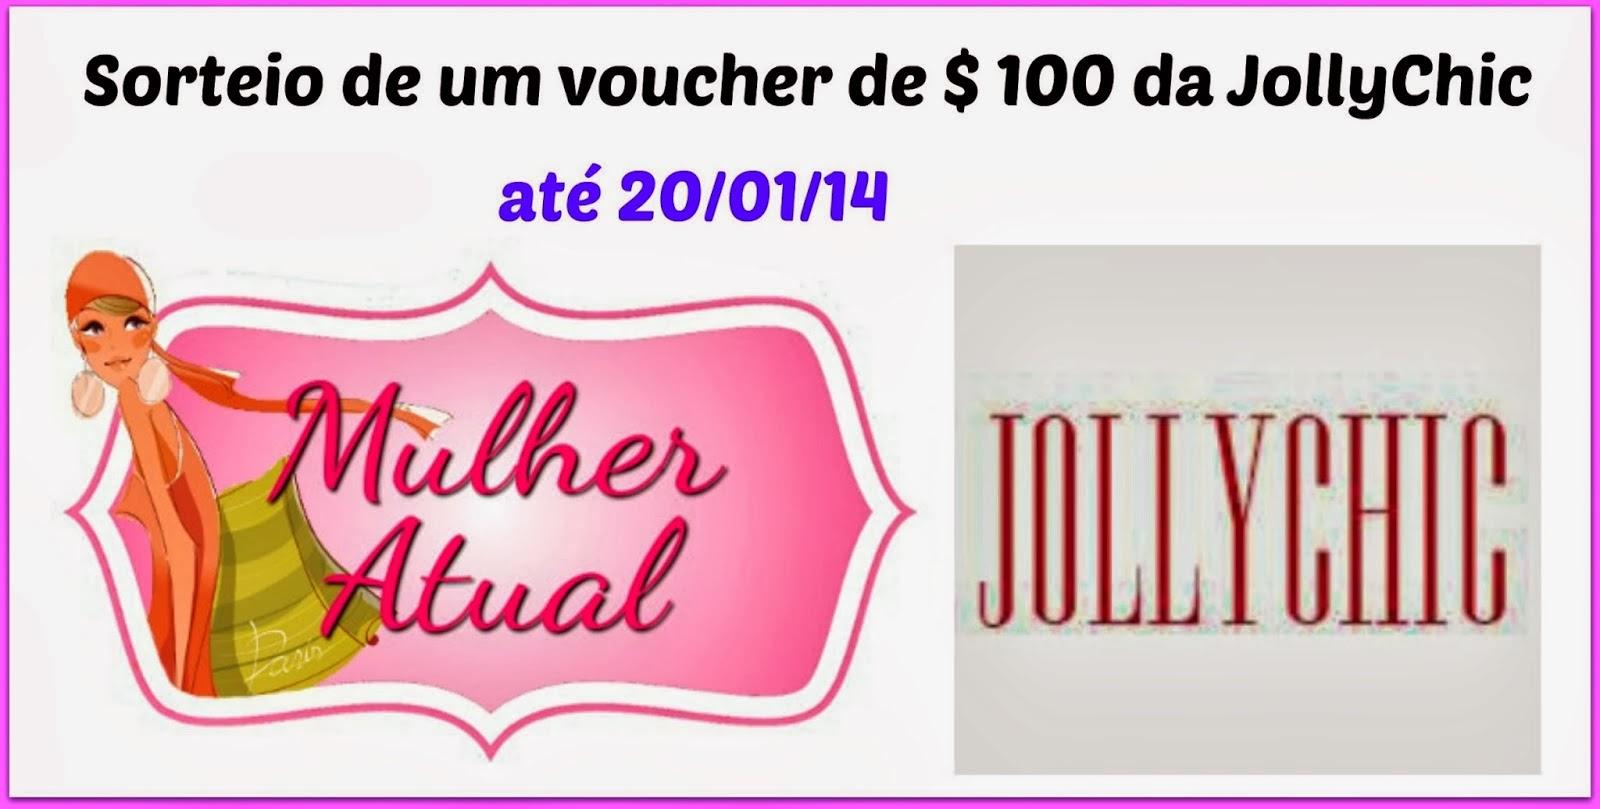 http://www.mulher-atual.com/2014/01/sorteio-em-parceria-com-jollychic.html